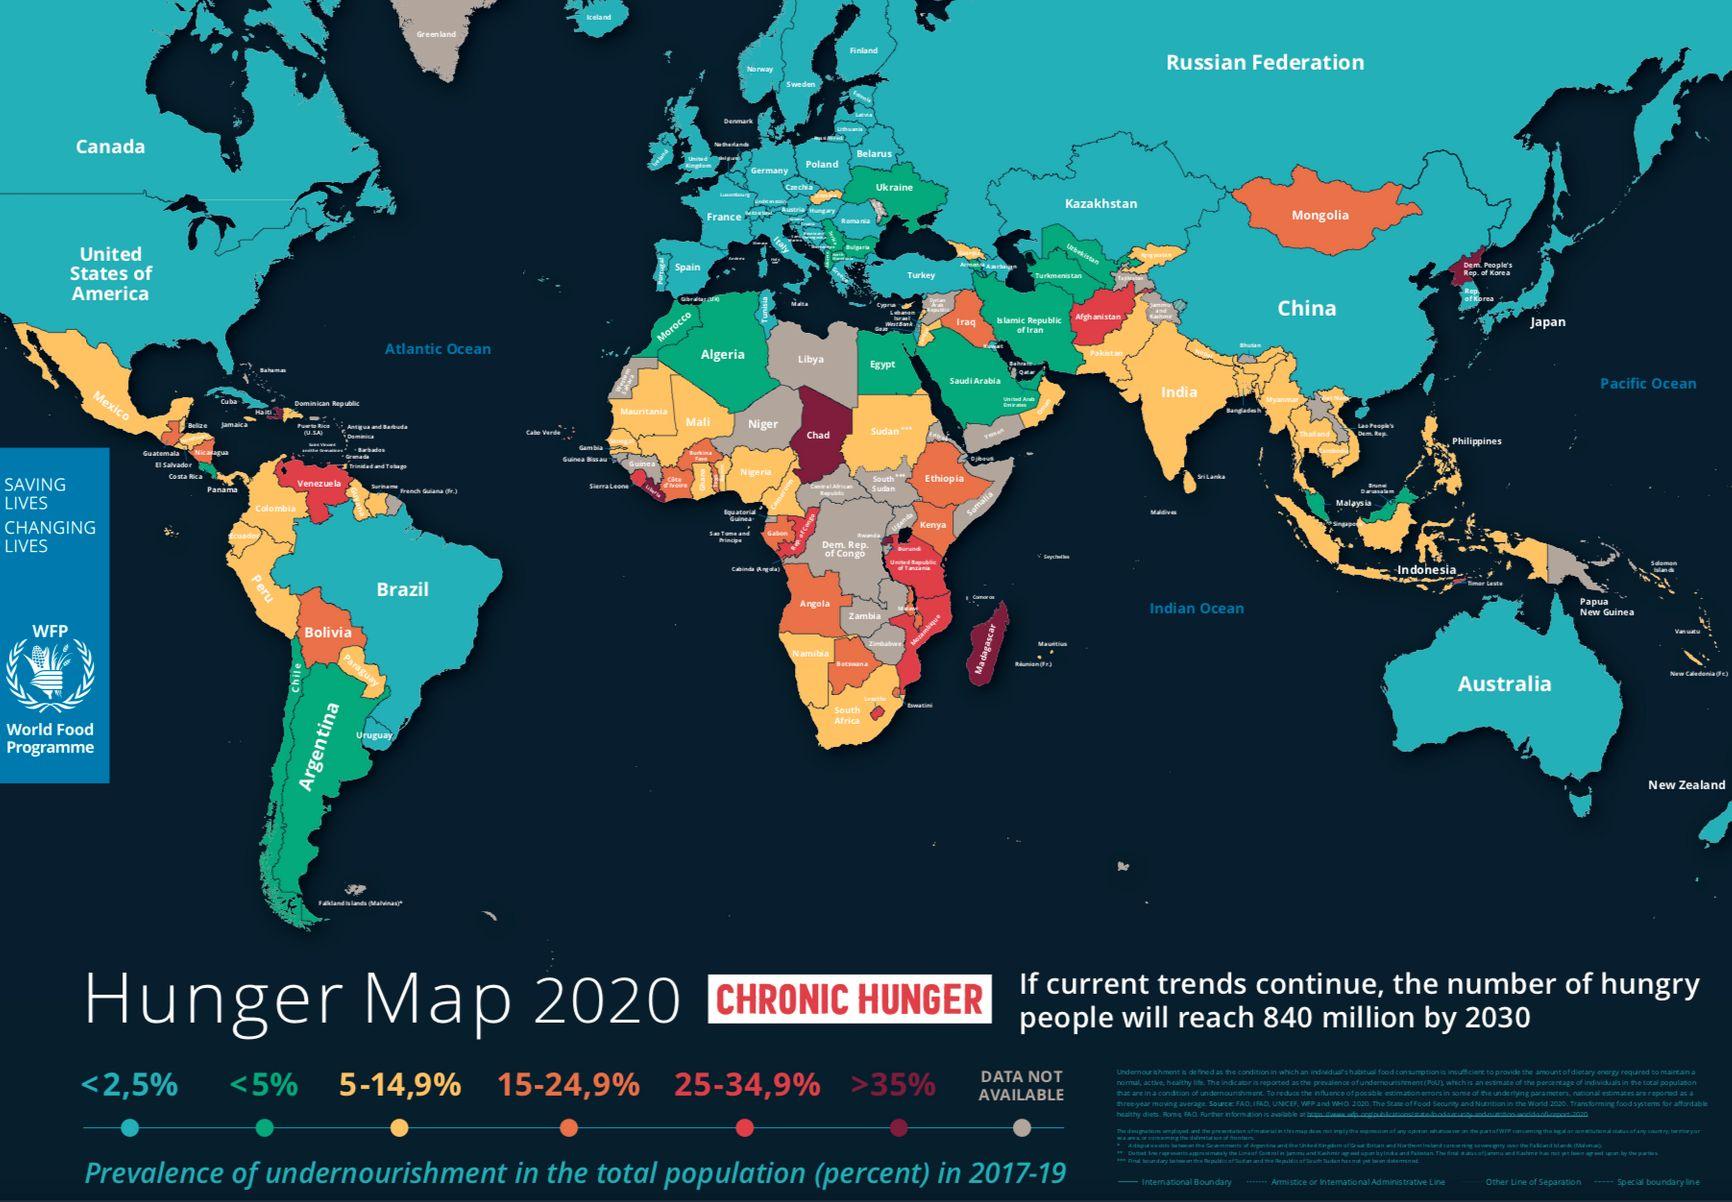 Рис. 4  Голод - 2020: если тенденция сохранится, количество голодающих к 2030 году достигнет 840 миллионов